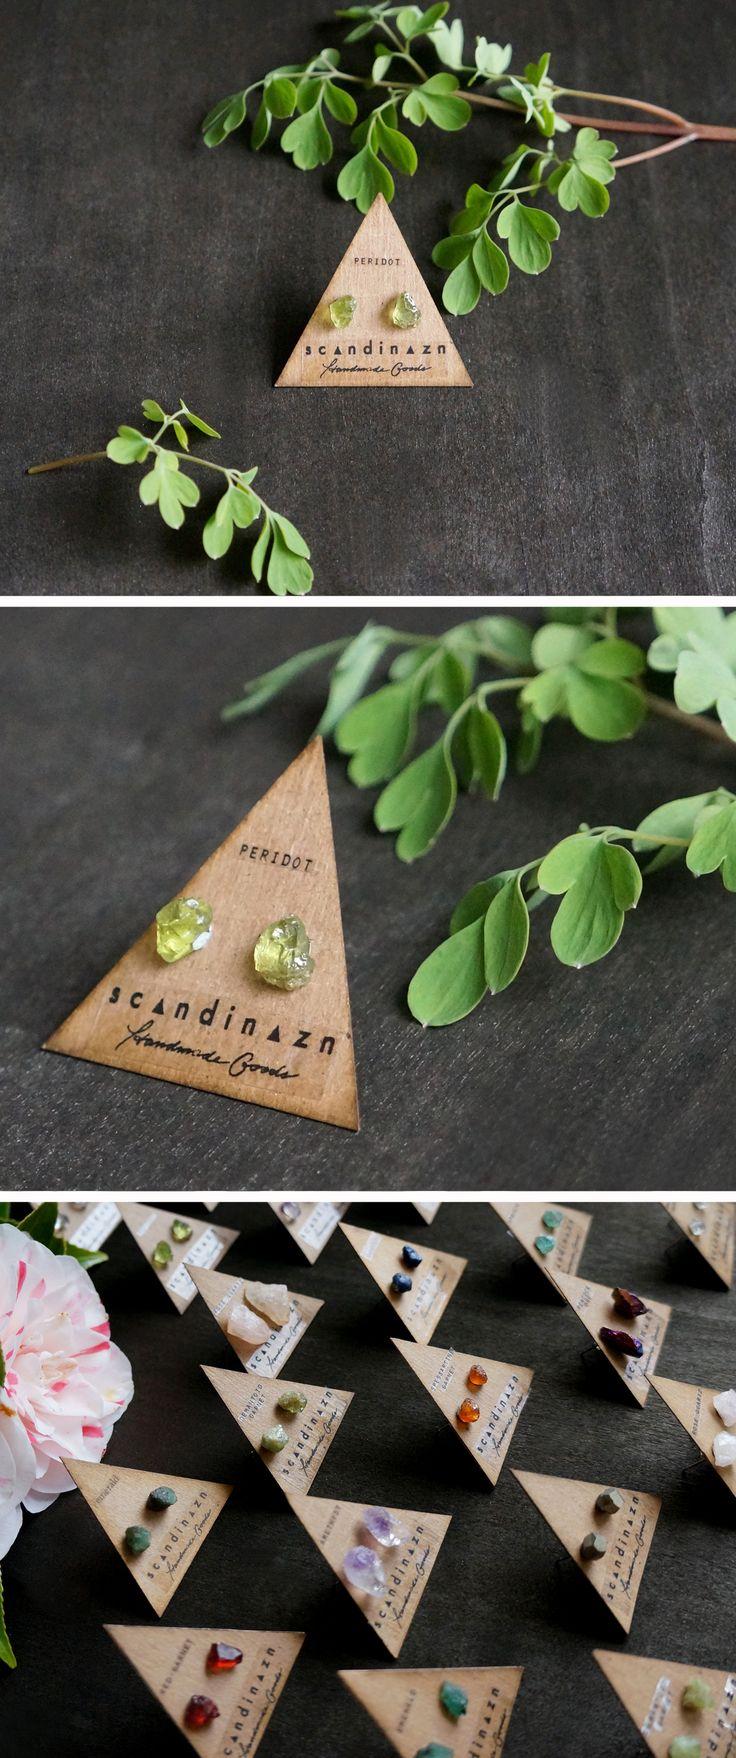 Raw Peridot Gemstone Stud Earrings + + + Clear green stones from Scandinazn.